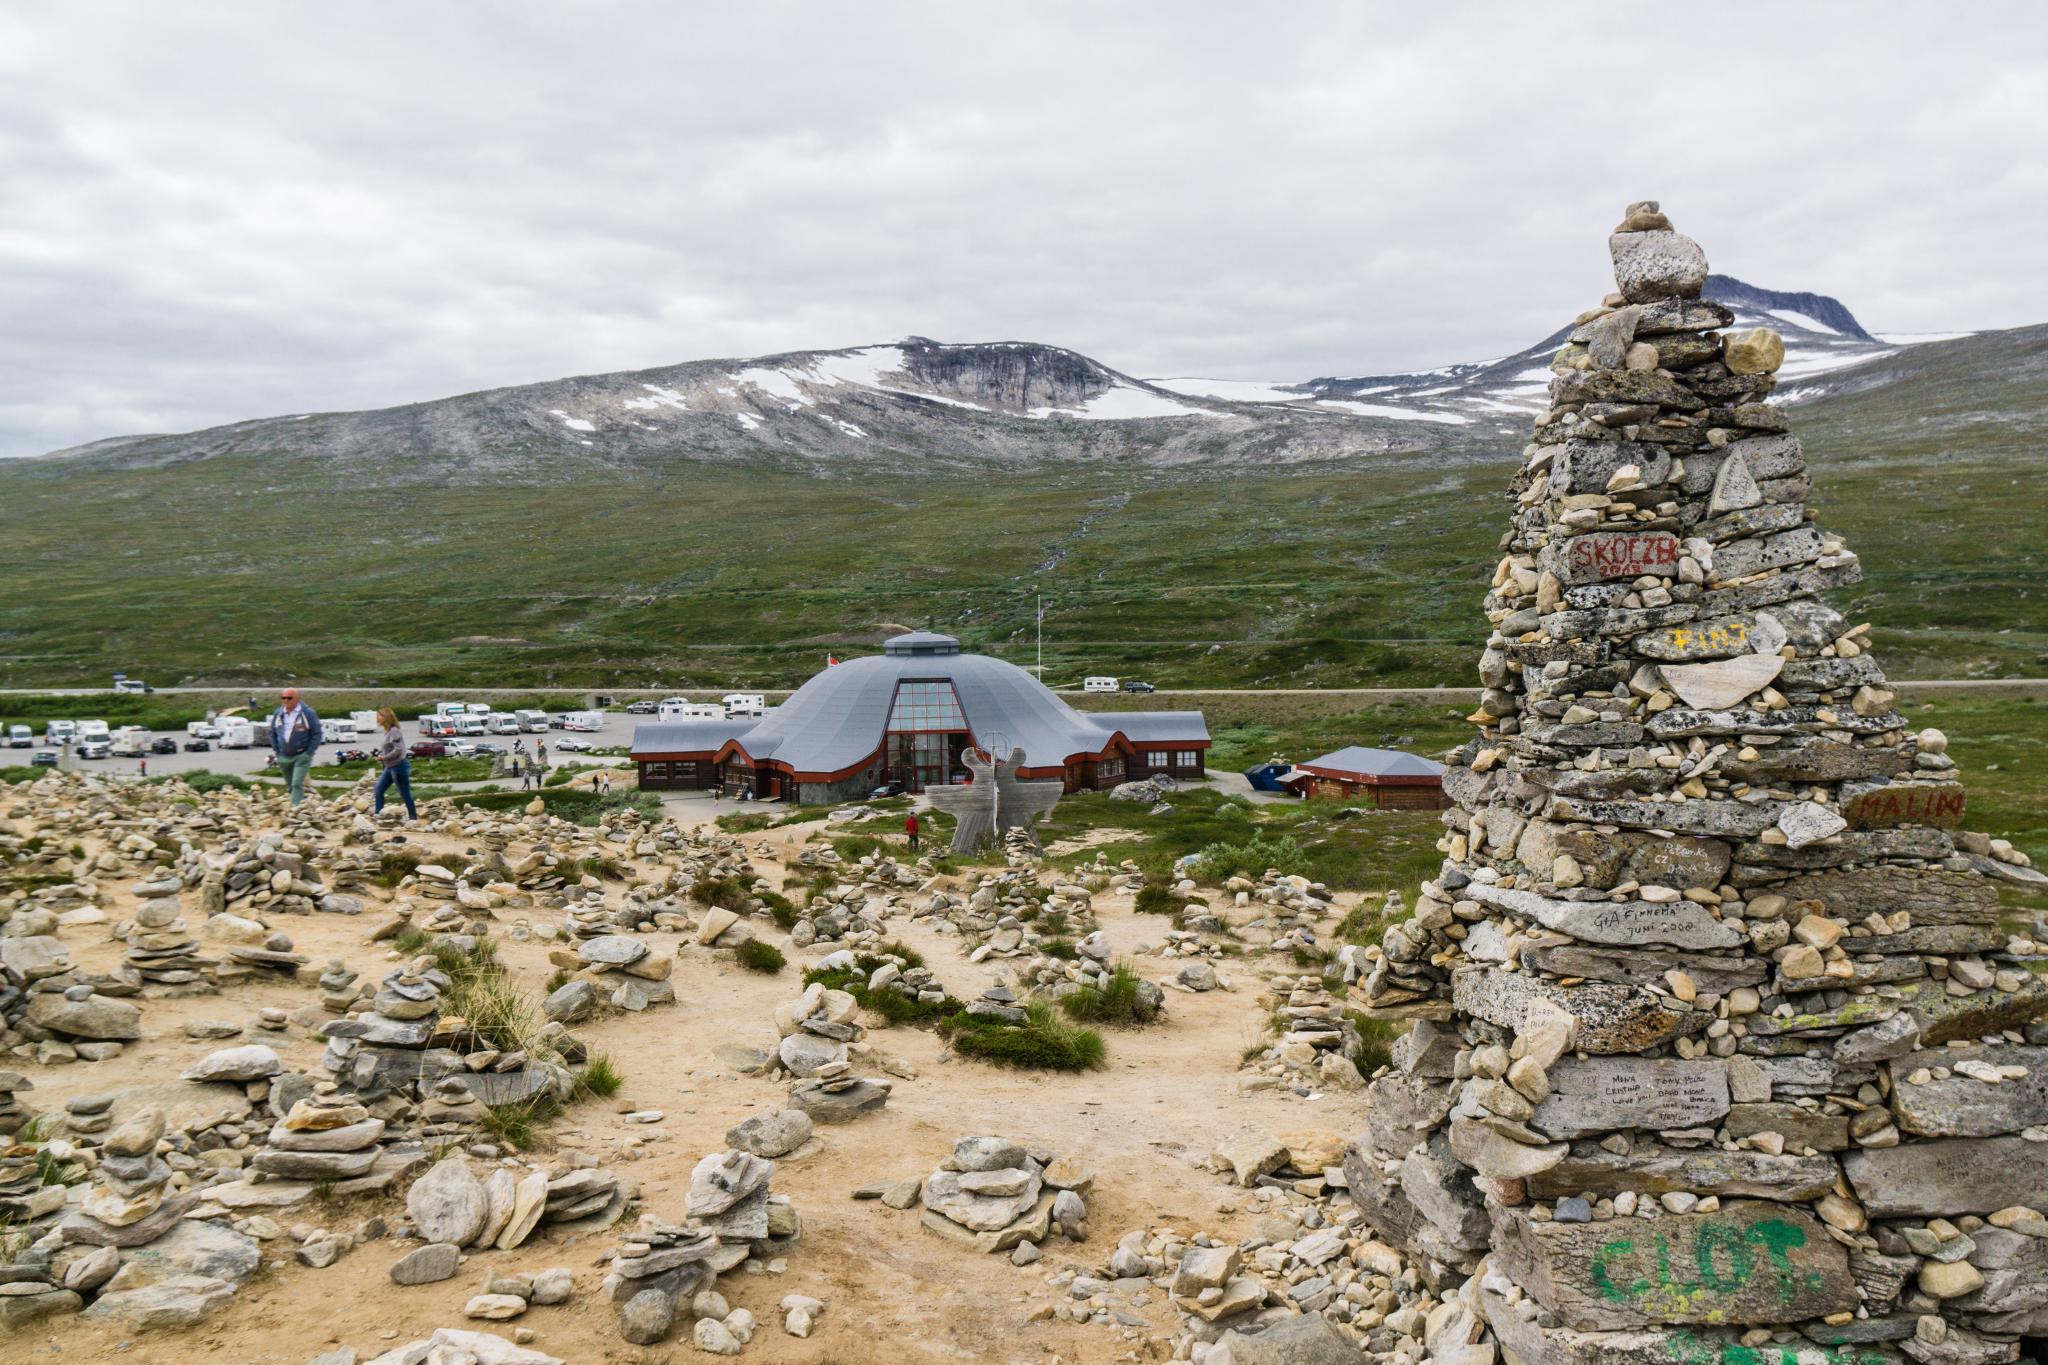 【北歐景點】通往極圈的重要門戶 - 挪威北極圈中心 The Arctic Circle Centre 5